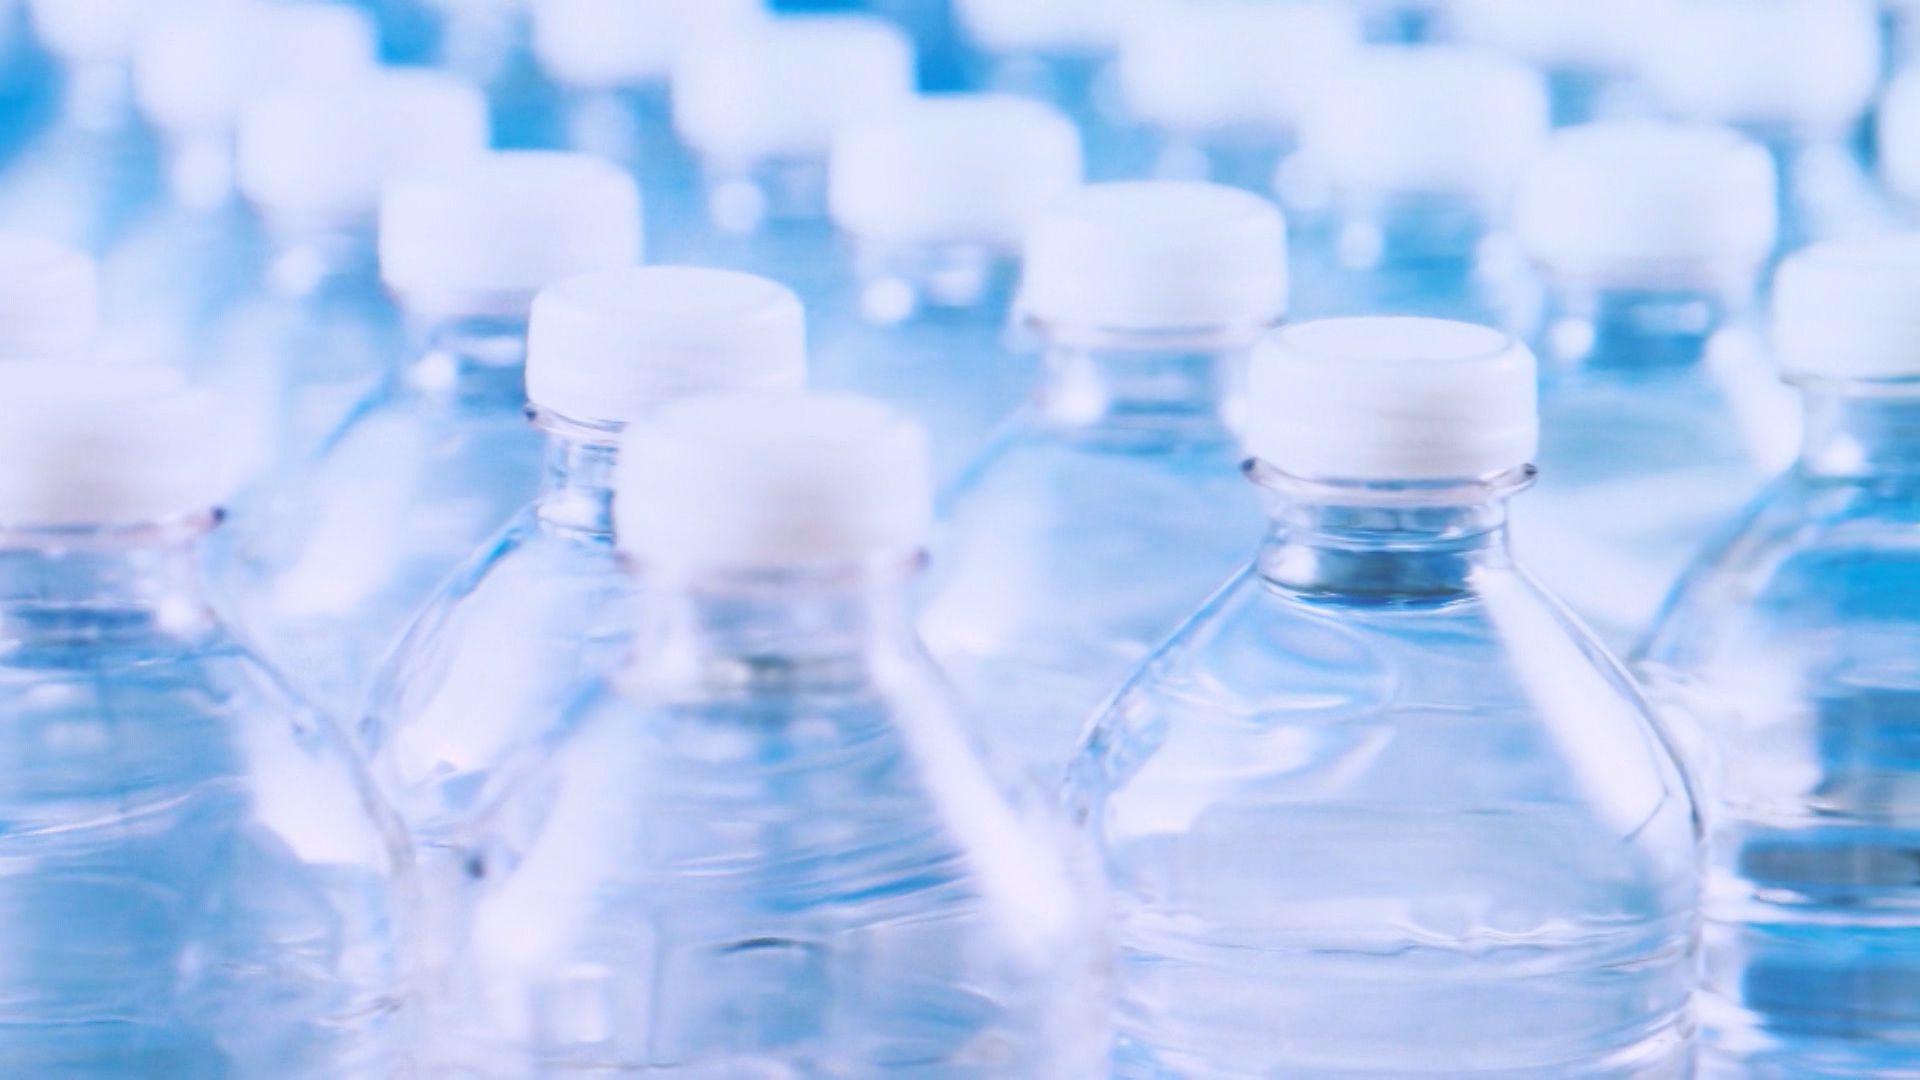 El bloque de alimentos y bebidas registra un nivel de utilización de la capacidad instalada de 58,6%, en enero de 2020